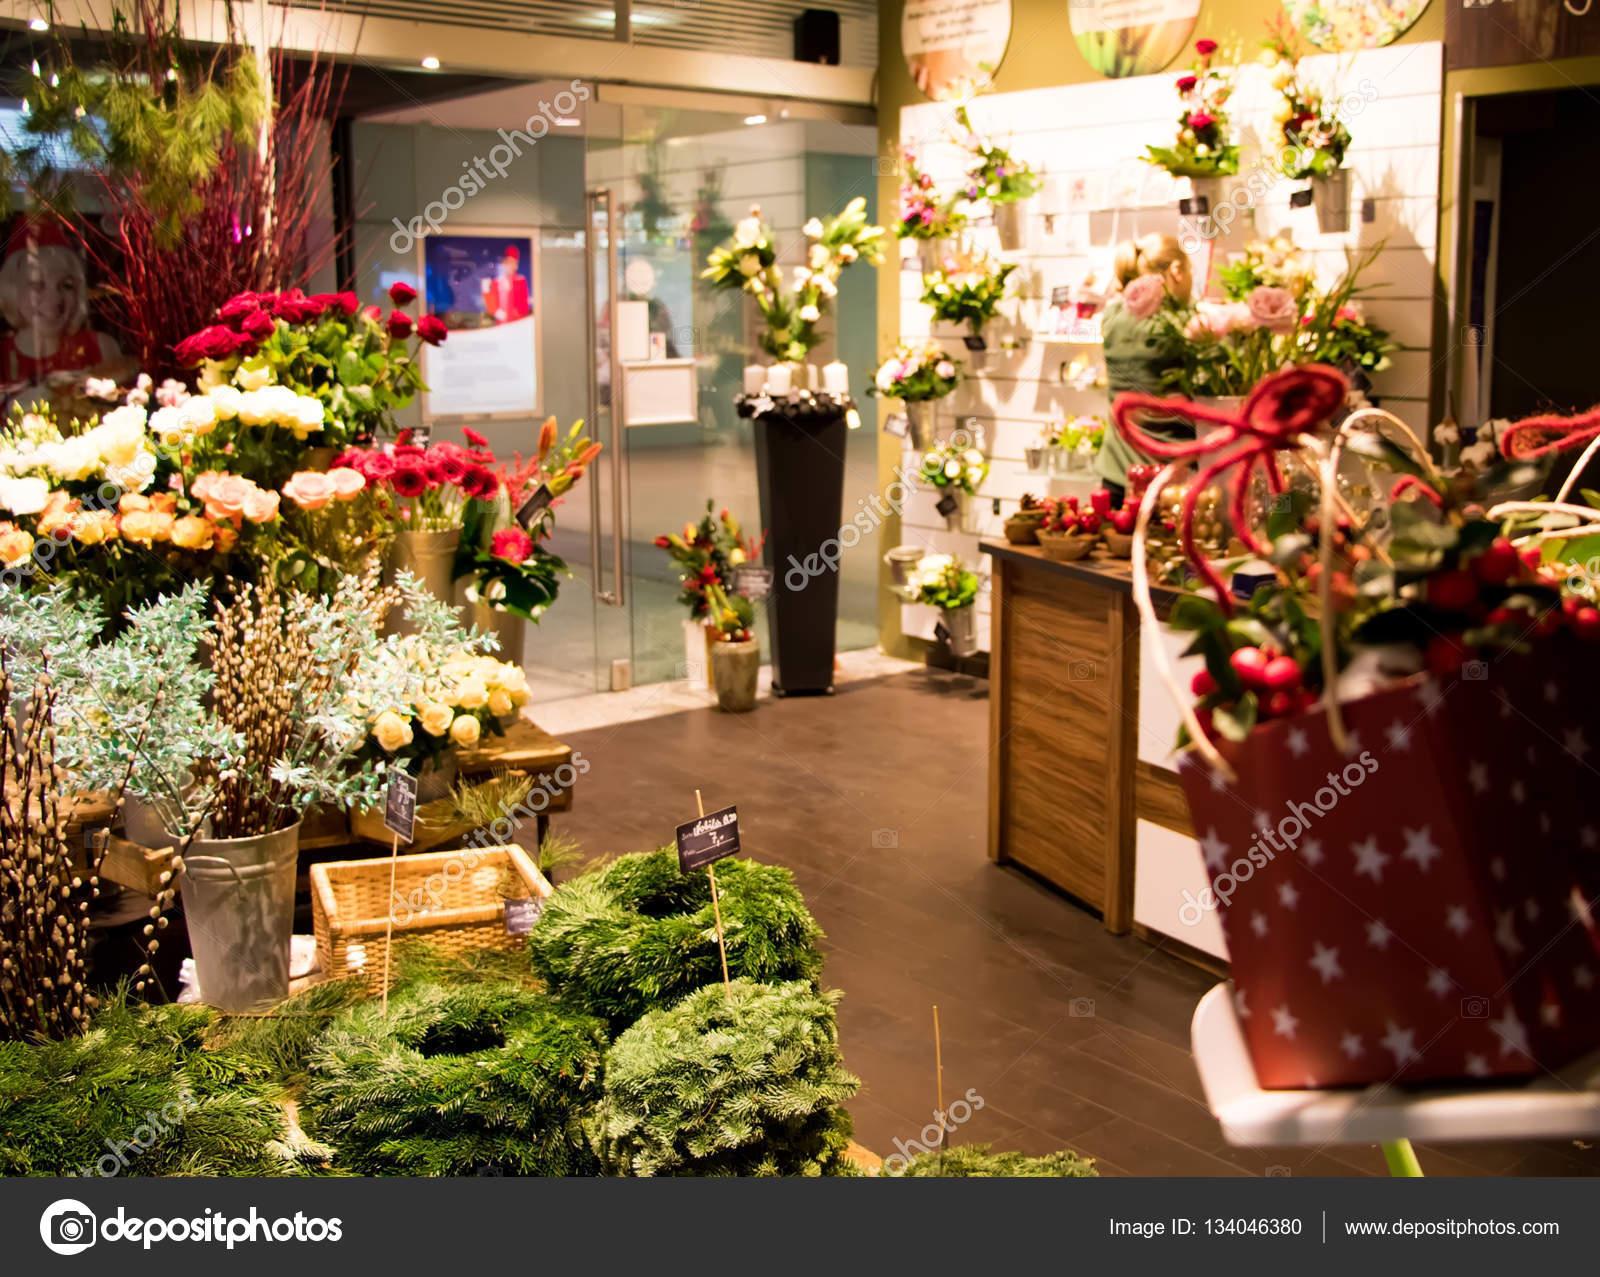 floreria pequea tienda venta decoracin navidad guirnaldas de abeto regalos y flores trabajo de floristera en un centro comercial preparado para las